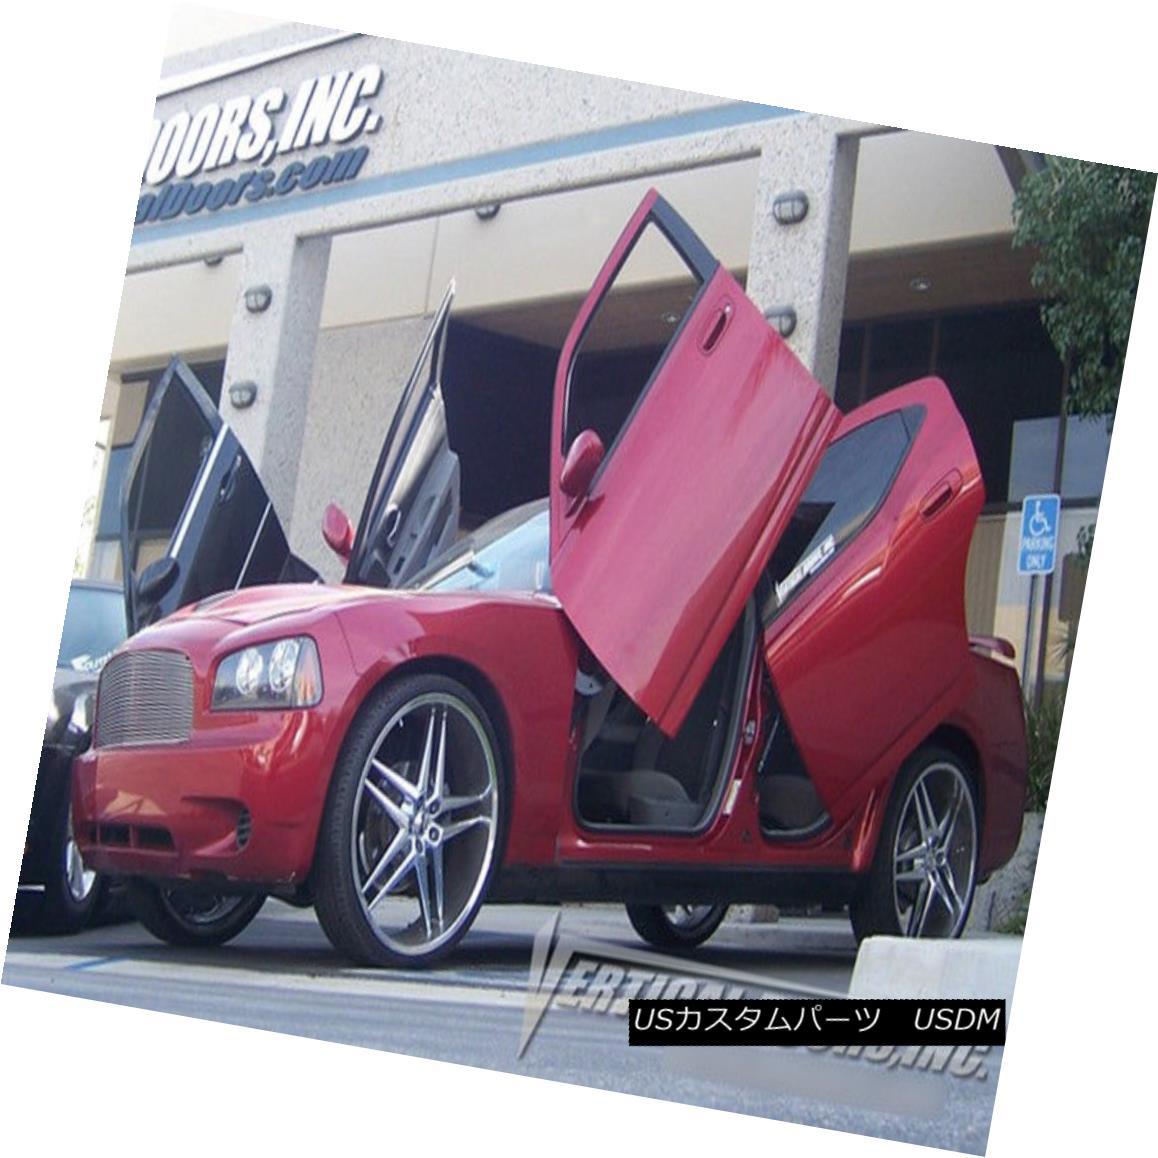 ガルウィングキット Vertical Doors Inc. Bolt-On Lambo Kit for Dodge Charger 05-10 Rear Vertical Doors Inc. Dodge Charger用Bolt-On Lamboキット05-10リア